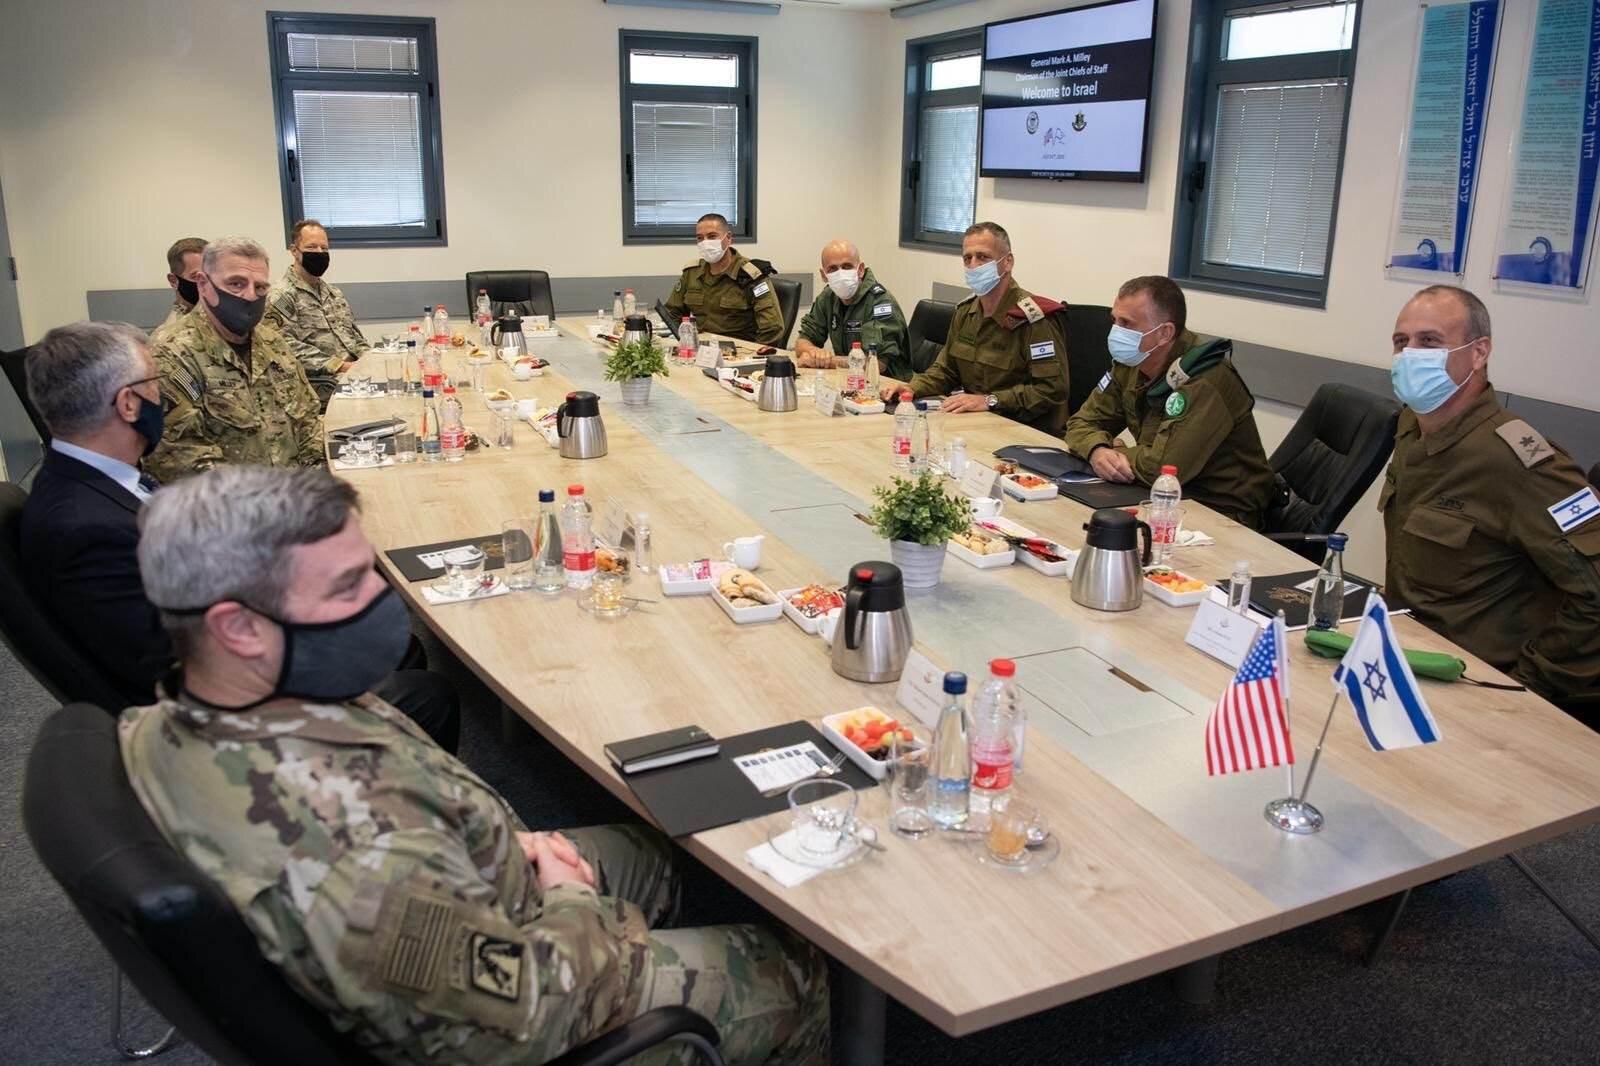 اللافت في الزيارة الأخيرة للمسؤول العسكري الأميركي لـ